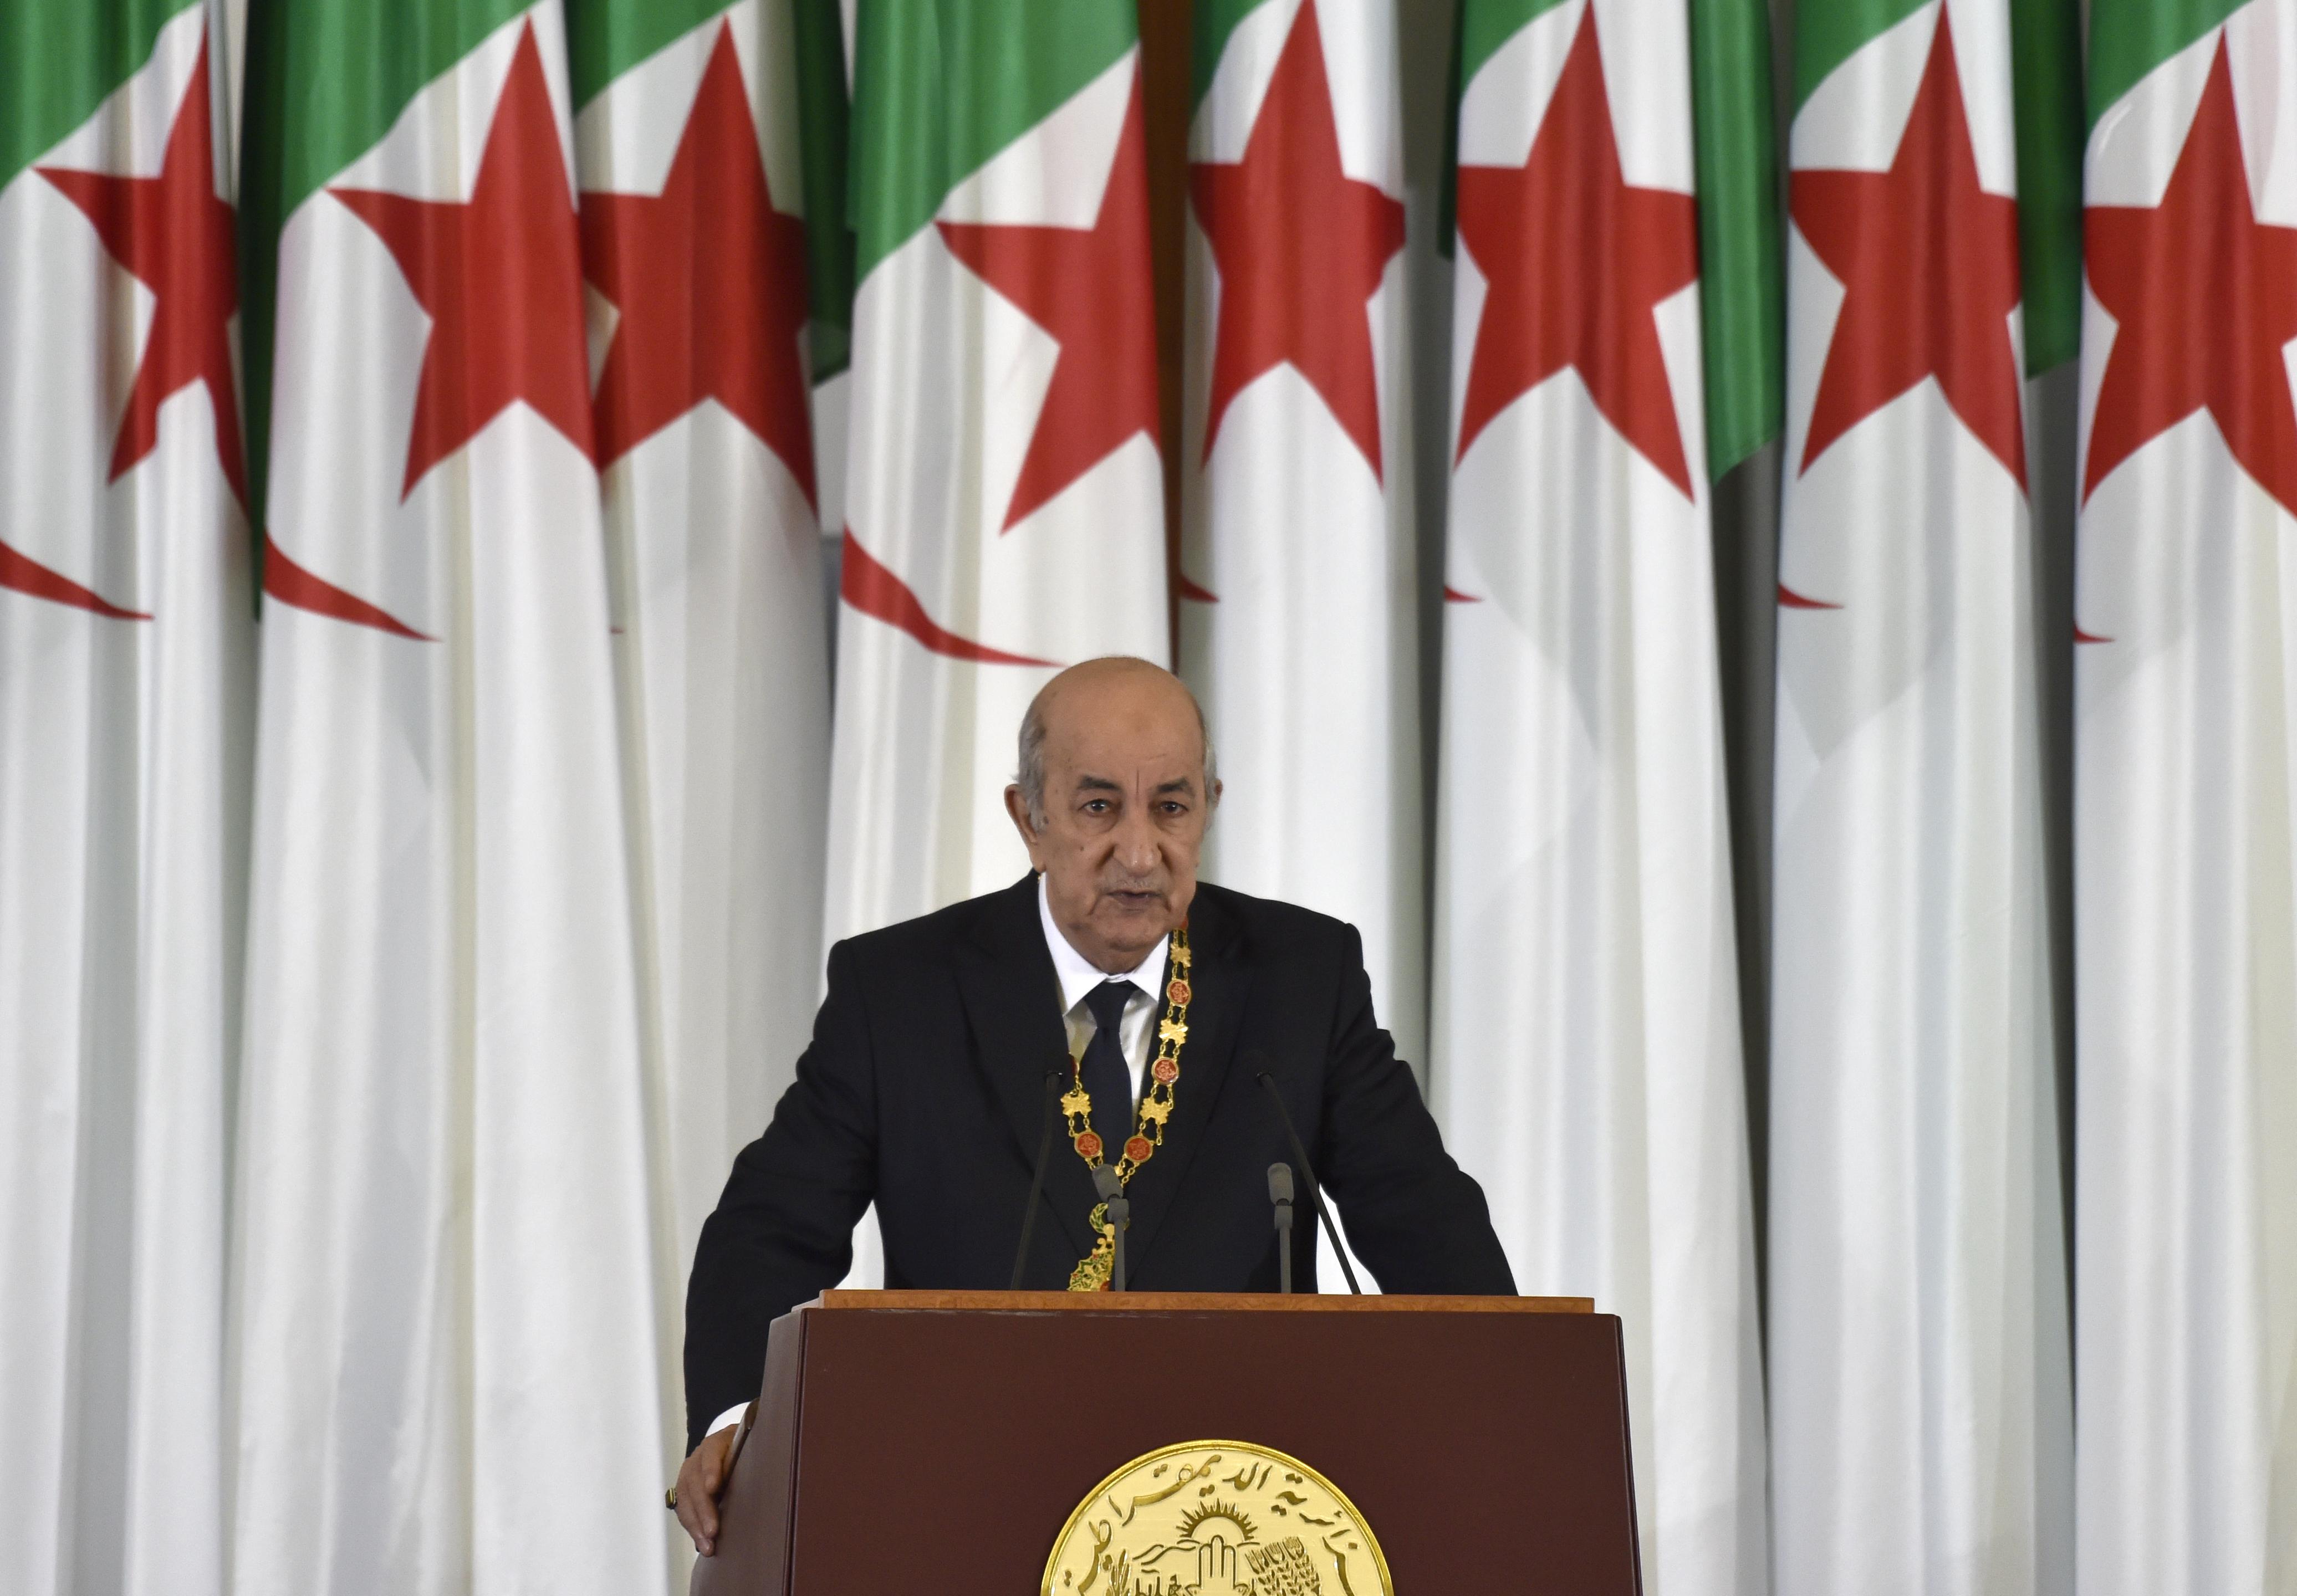 عبد المجيد تبون في خطاب عقب أداء اليمين الدستورية